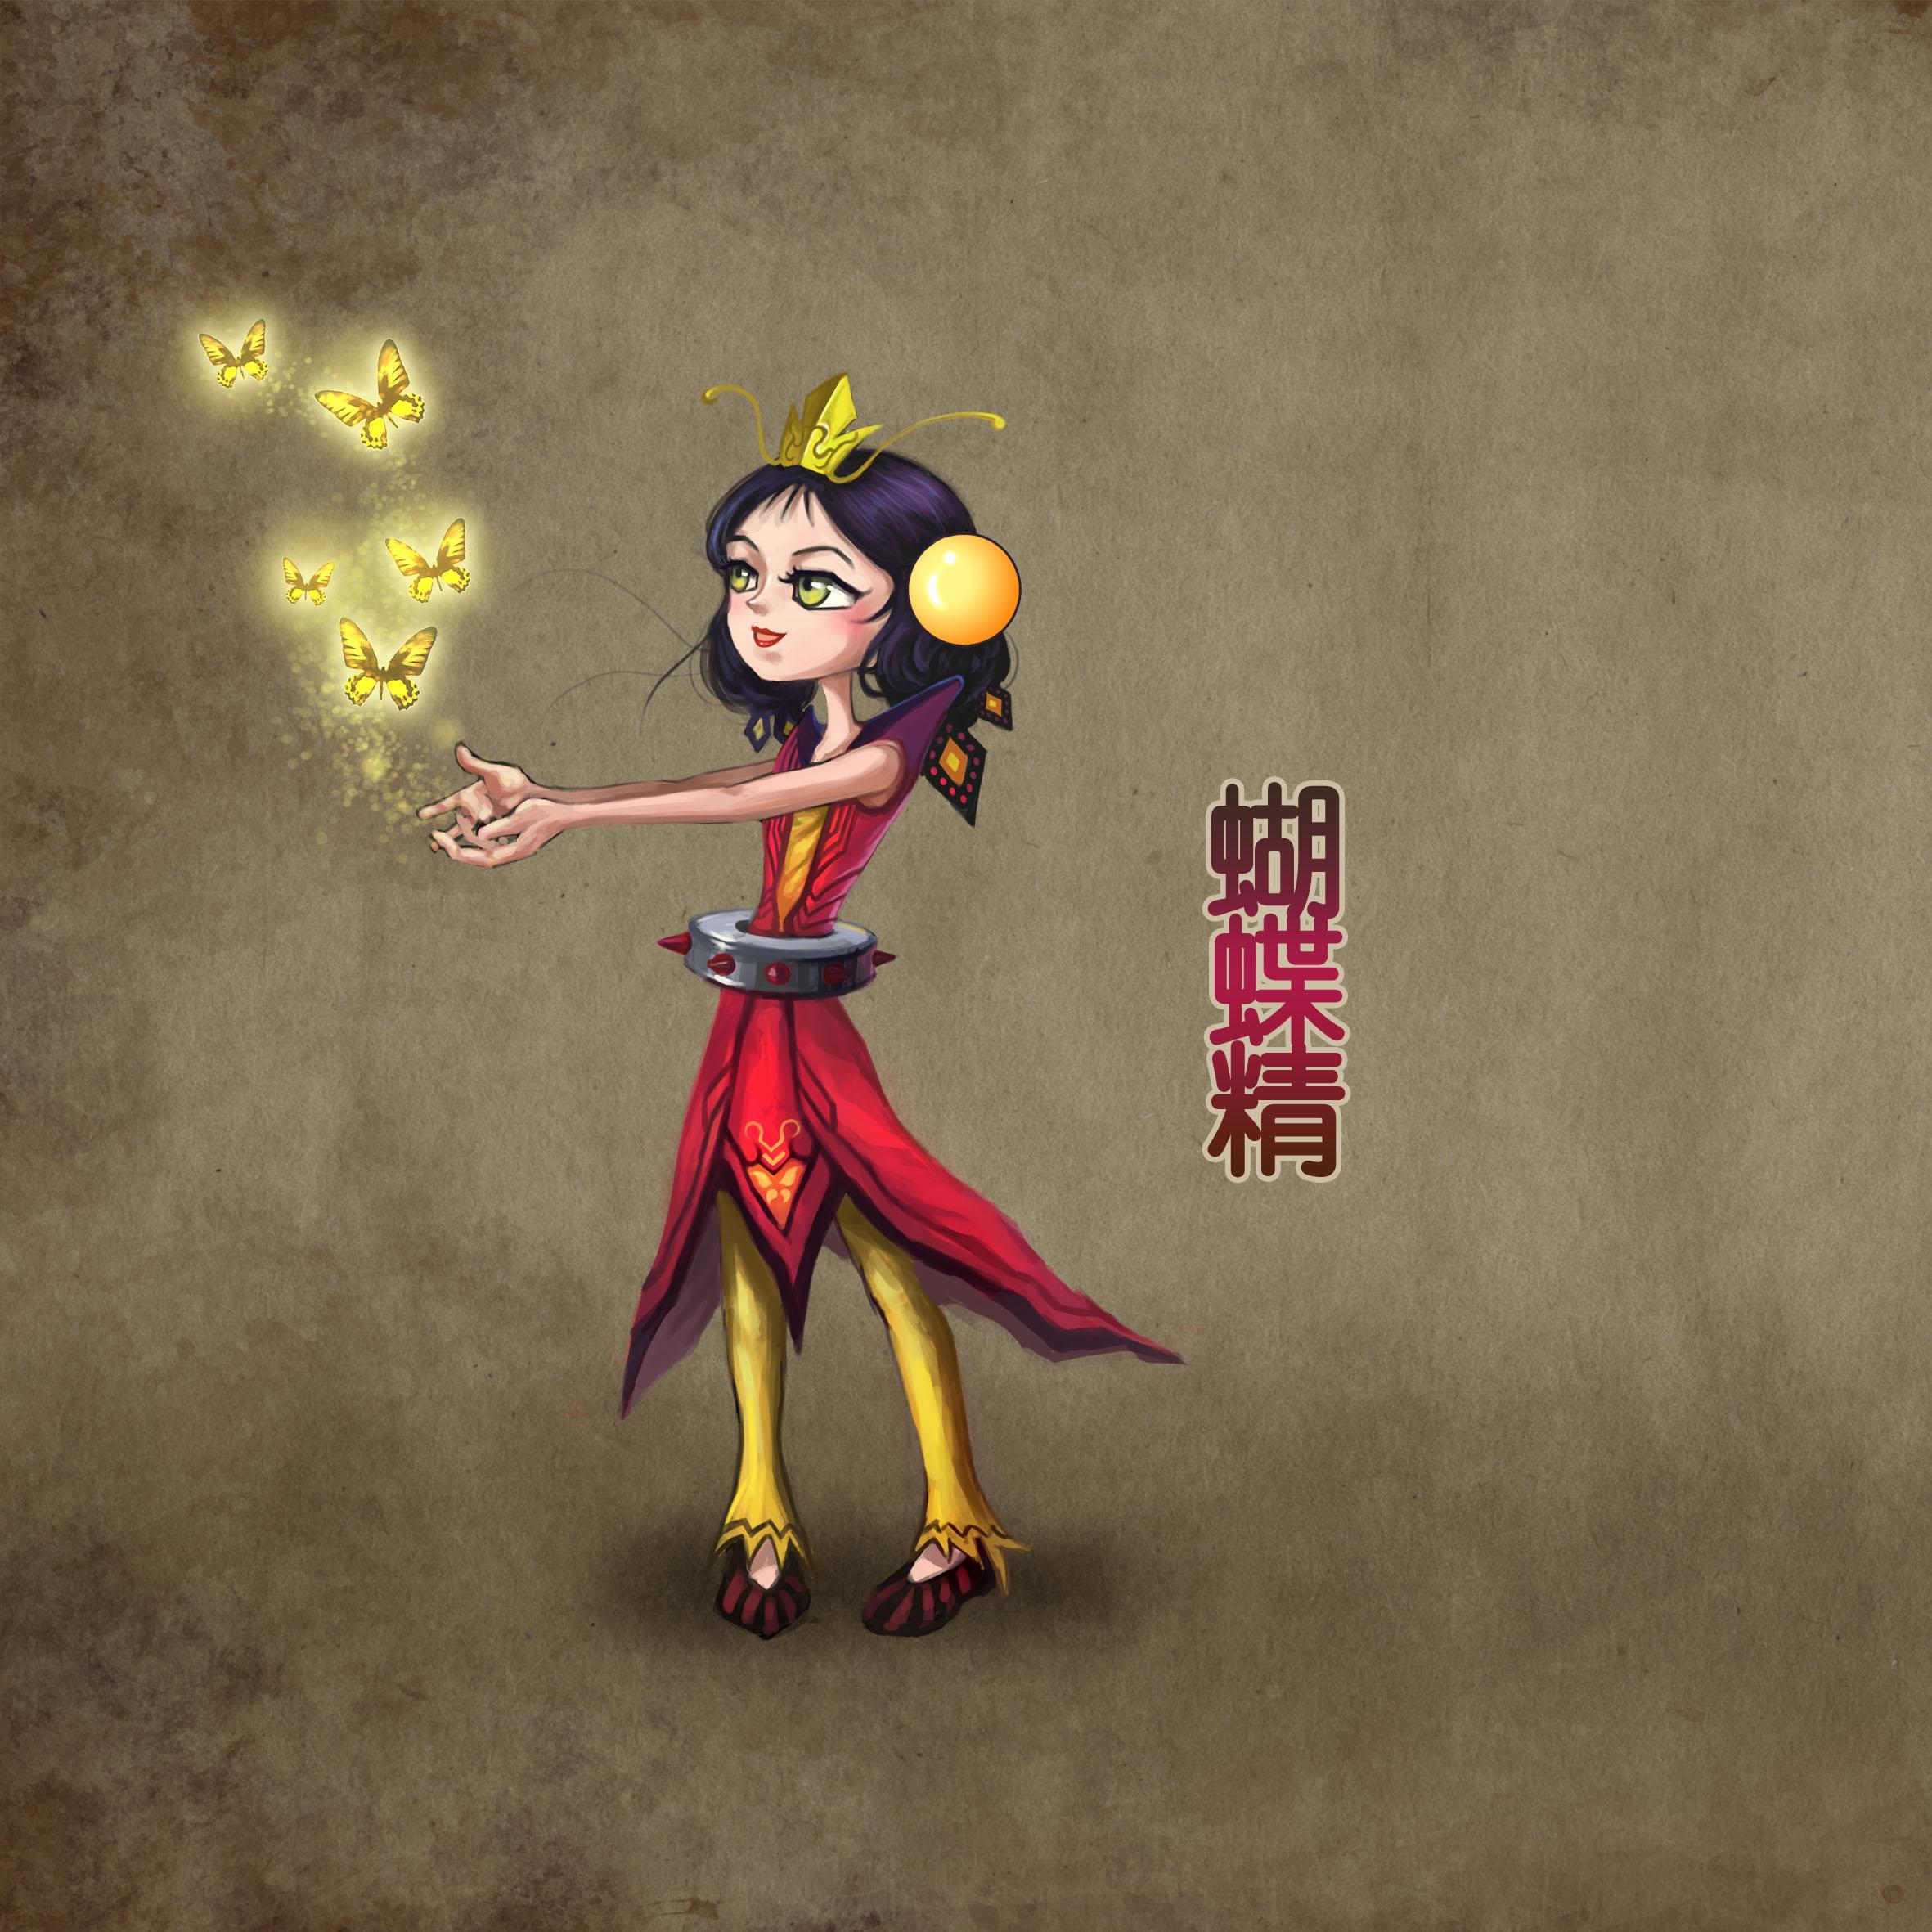 葫芦 +六 +娃,金刚葫芦娃,动画片葫芦娃_点力图库